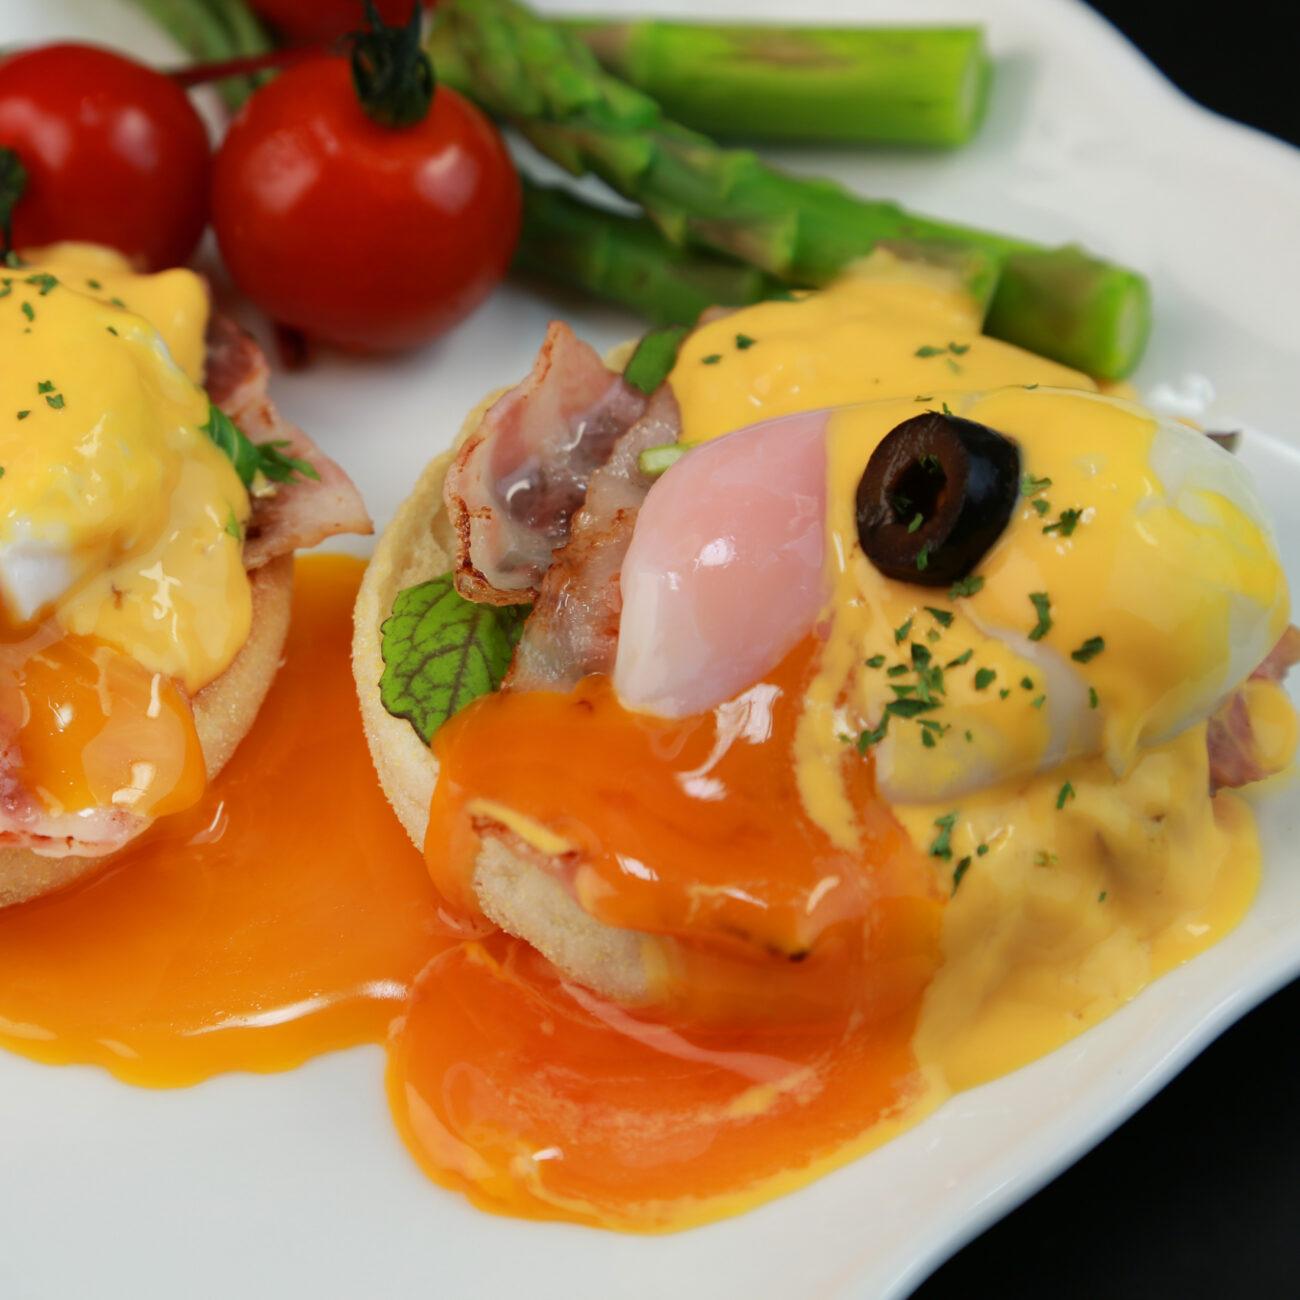 Pečeno jajce s sirom in slanino v kruhovi skledici